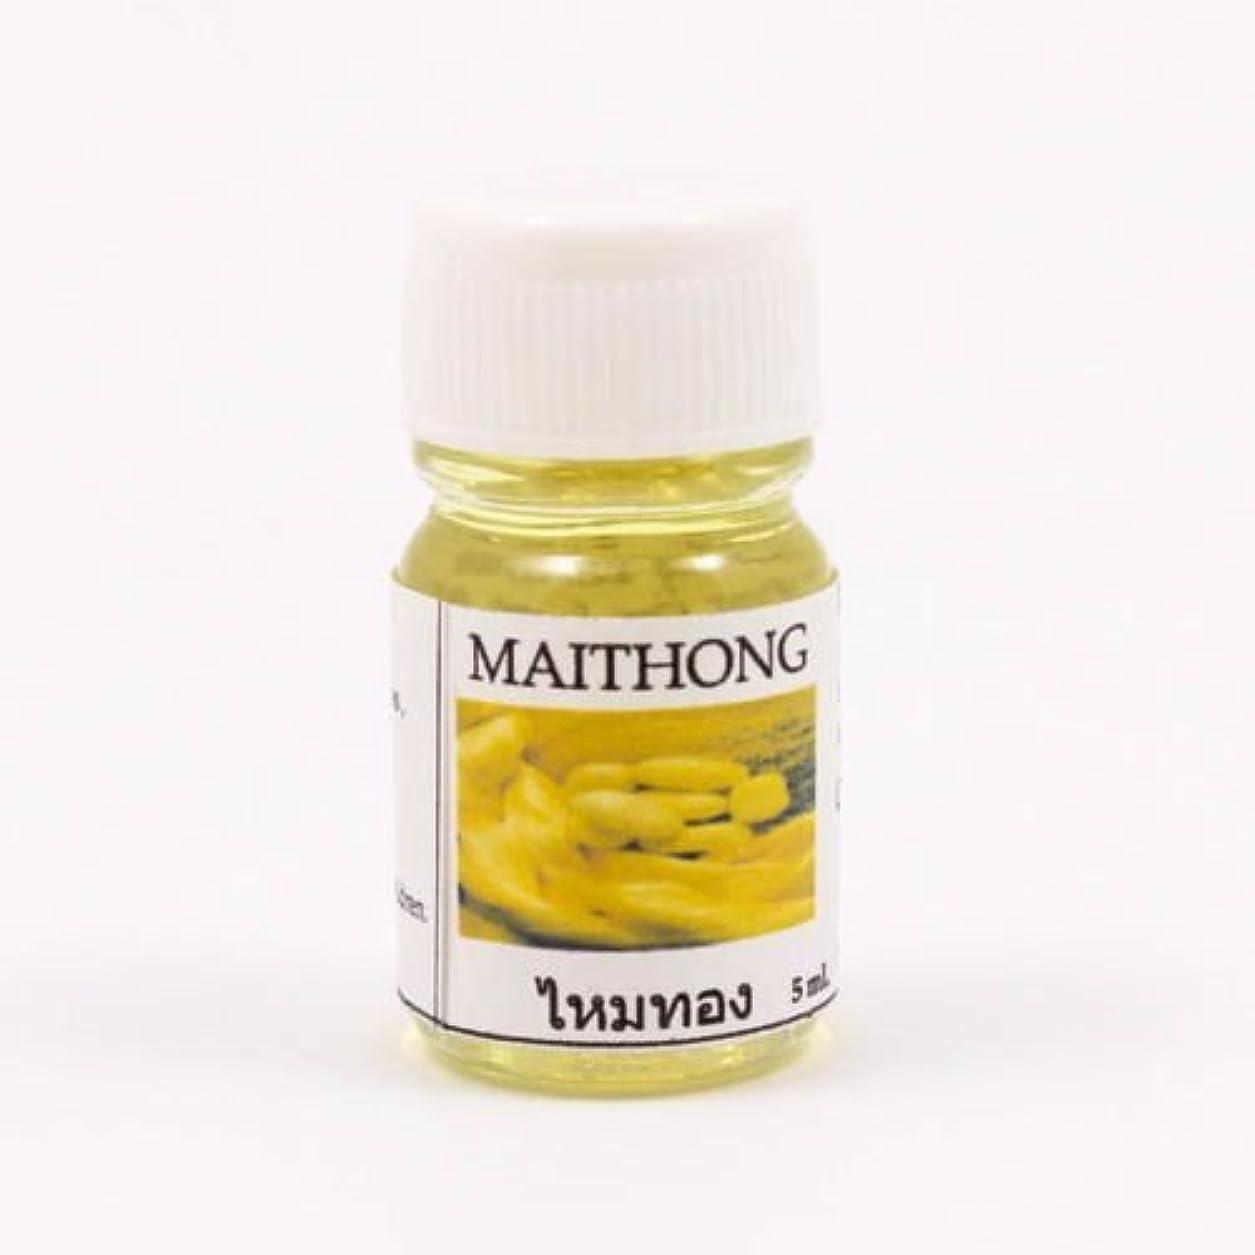 懐疑論排除瞑想的6X Maithong Aroma Fragrance Essential Oil 5ML (cc) Diffuser Burner Therapy